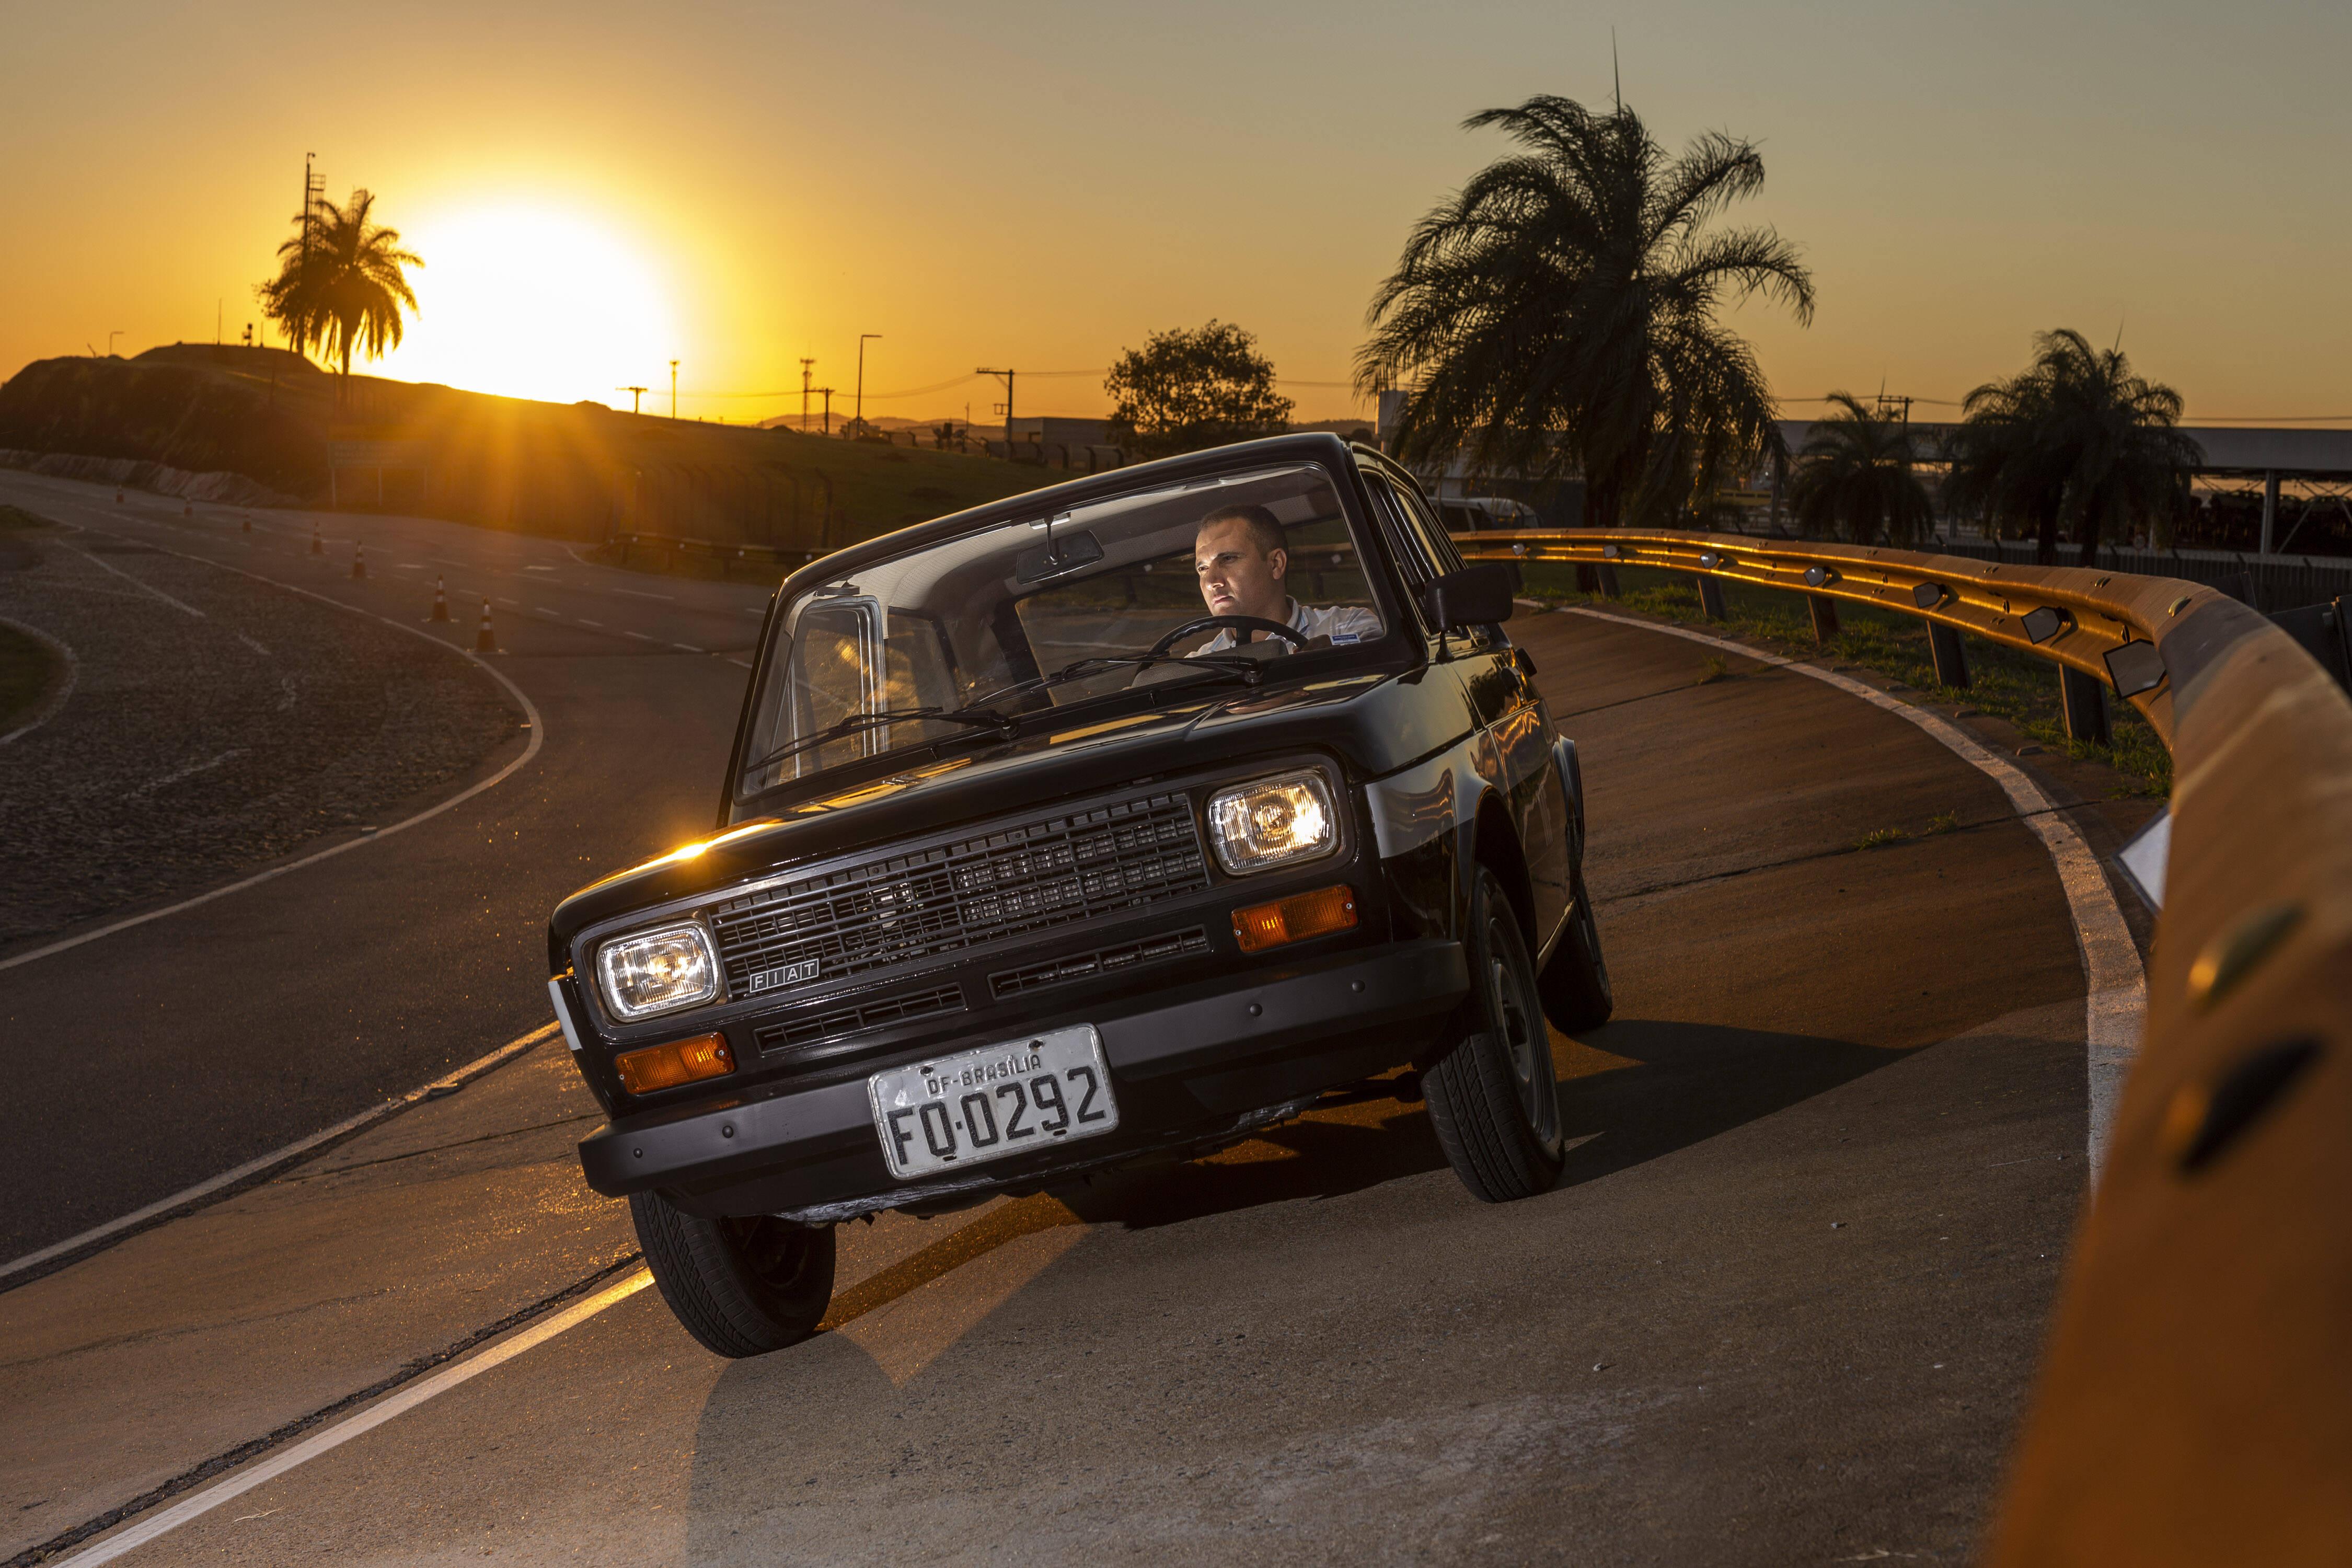 FCA - Fiat Chrysler Automobiles  . Foto Leo Lara/Studio Cerri